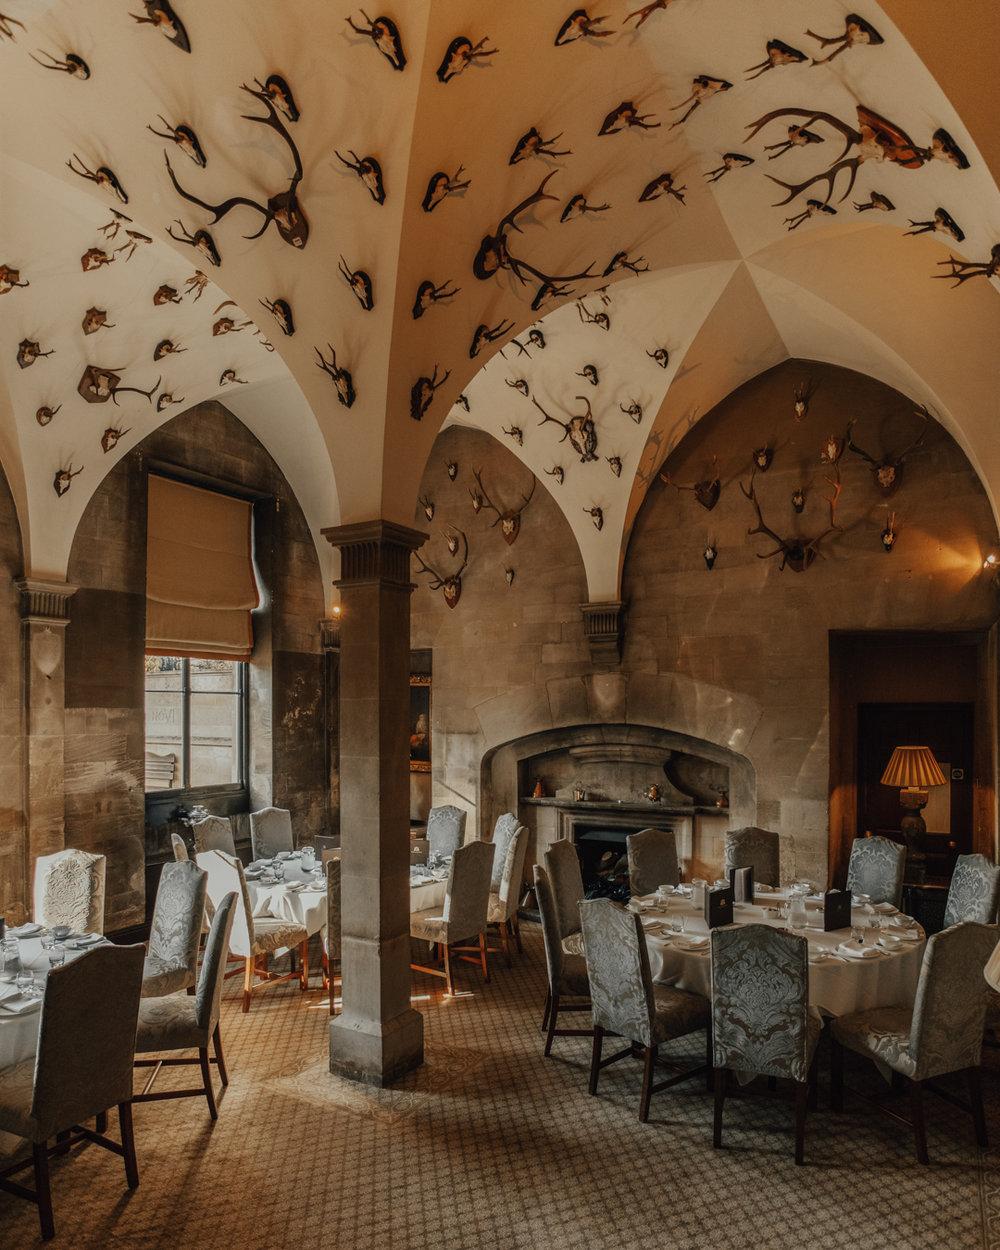 Stapleford_Dinner_Room.JPG